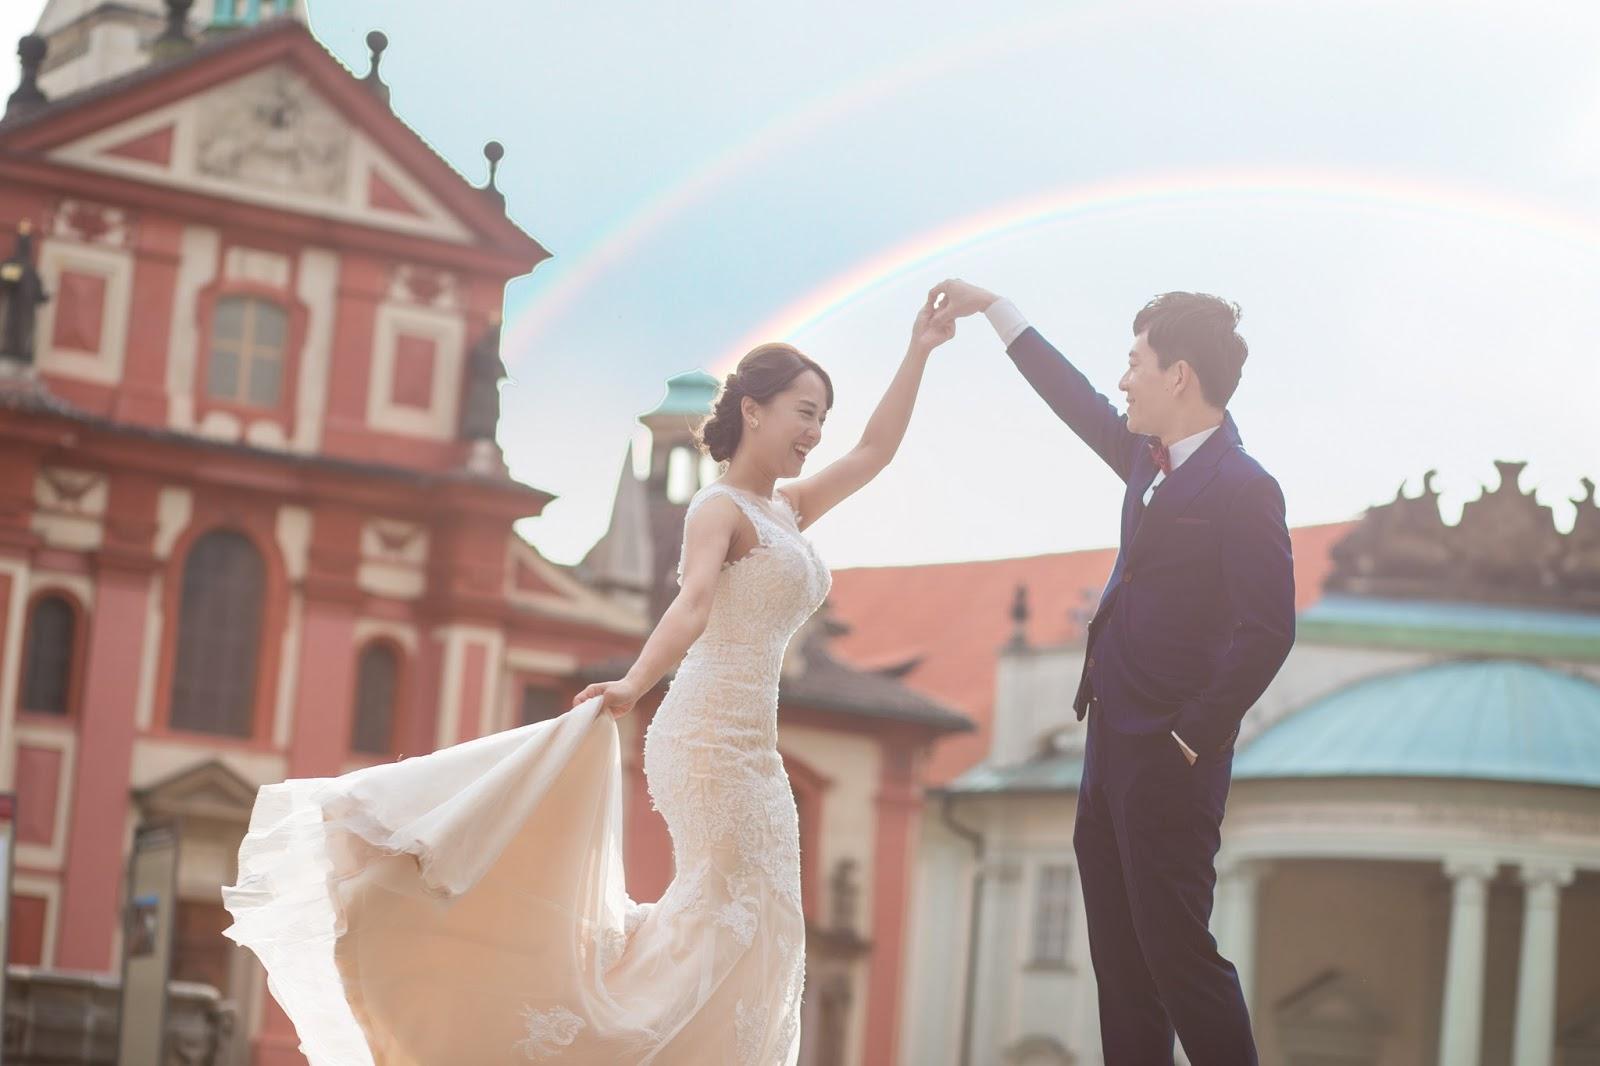 Pargue布拉格婚紗,海外婚紗,布拉格自助遊,布拉格教堂